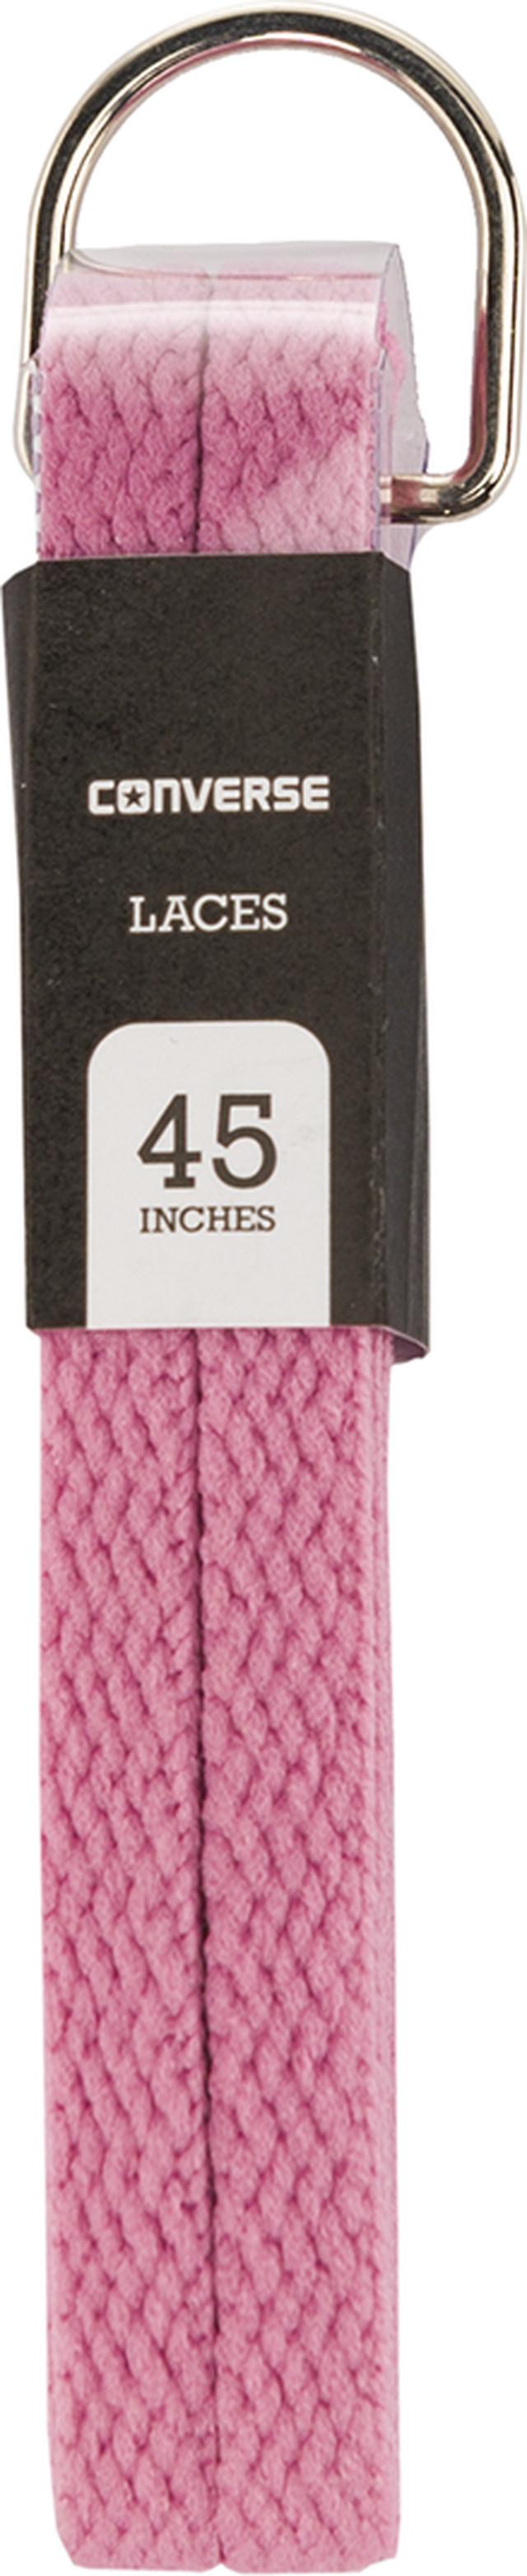 Converse 45